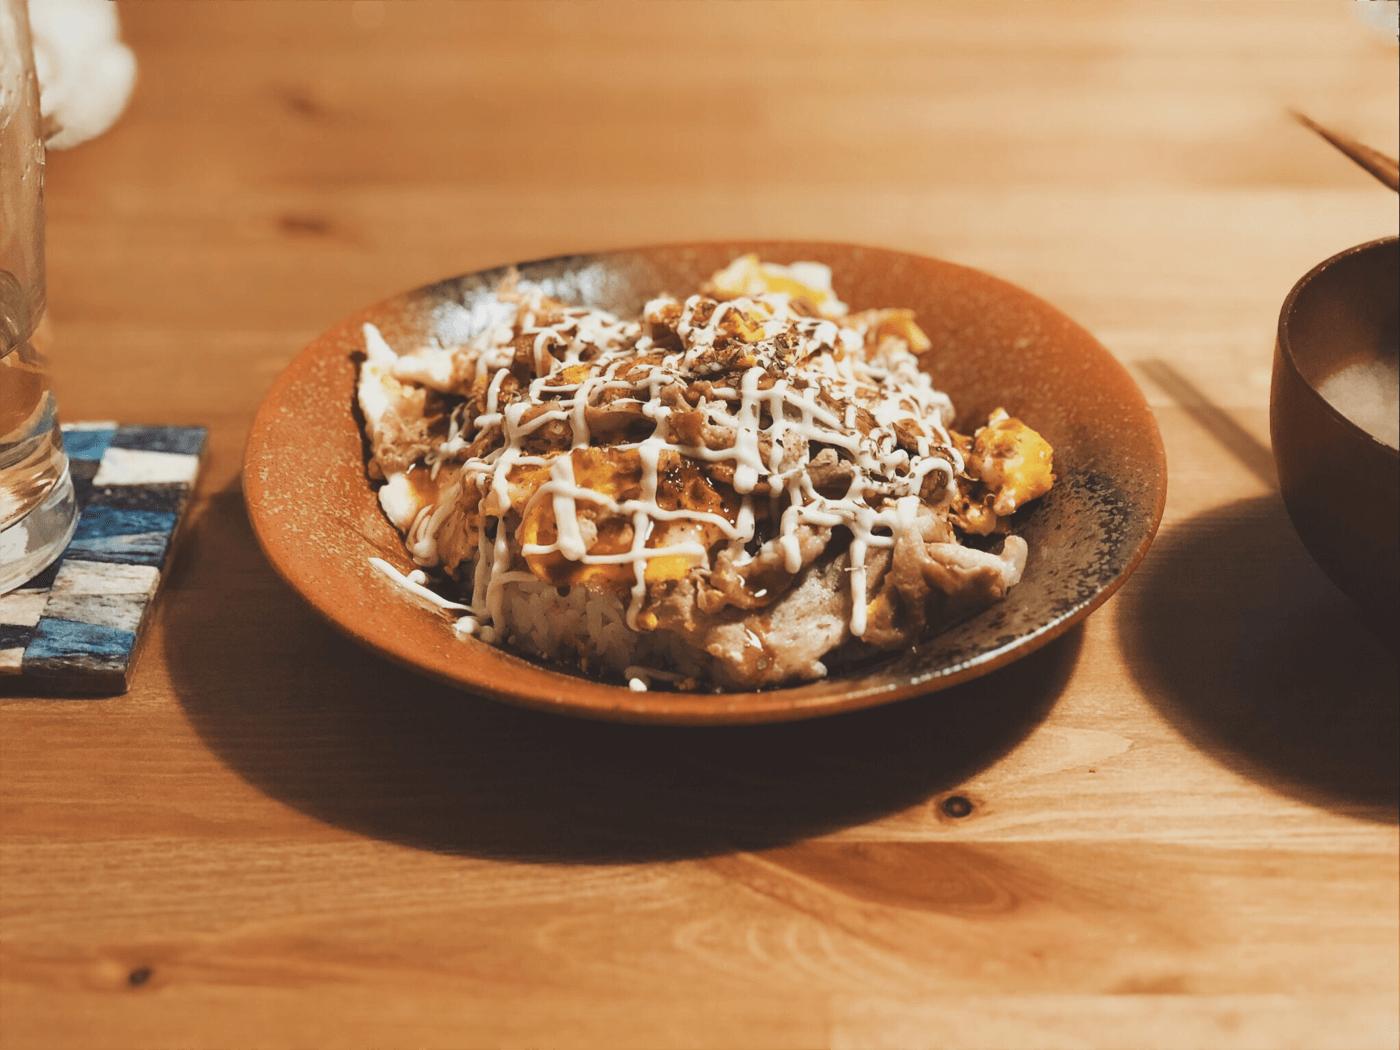 広島県呉市のソウルフード「肉玉ライス」をみんな食べるのだ